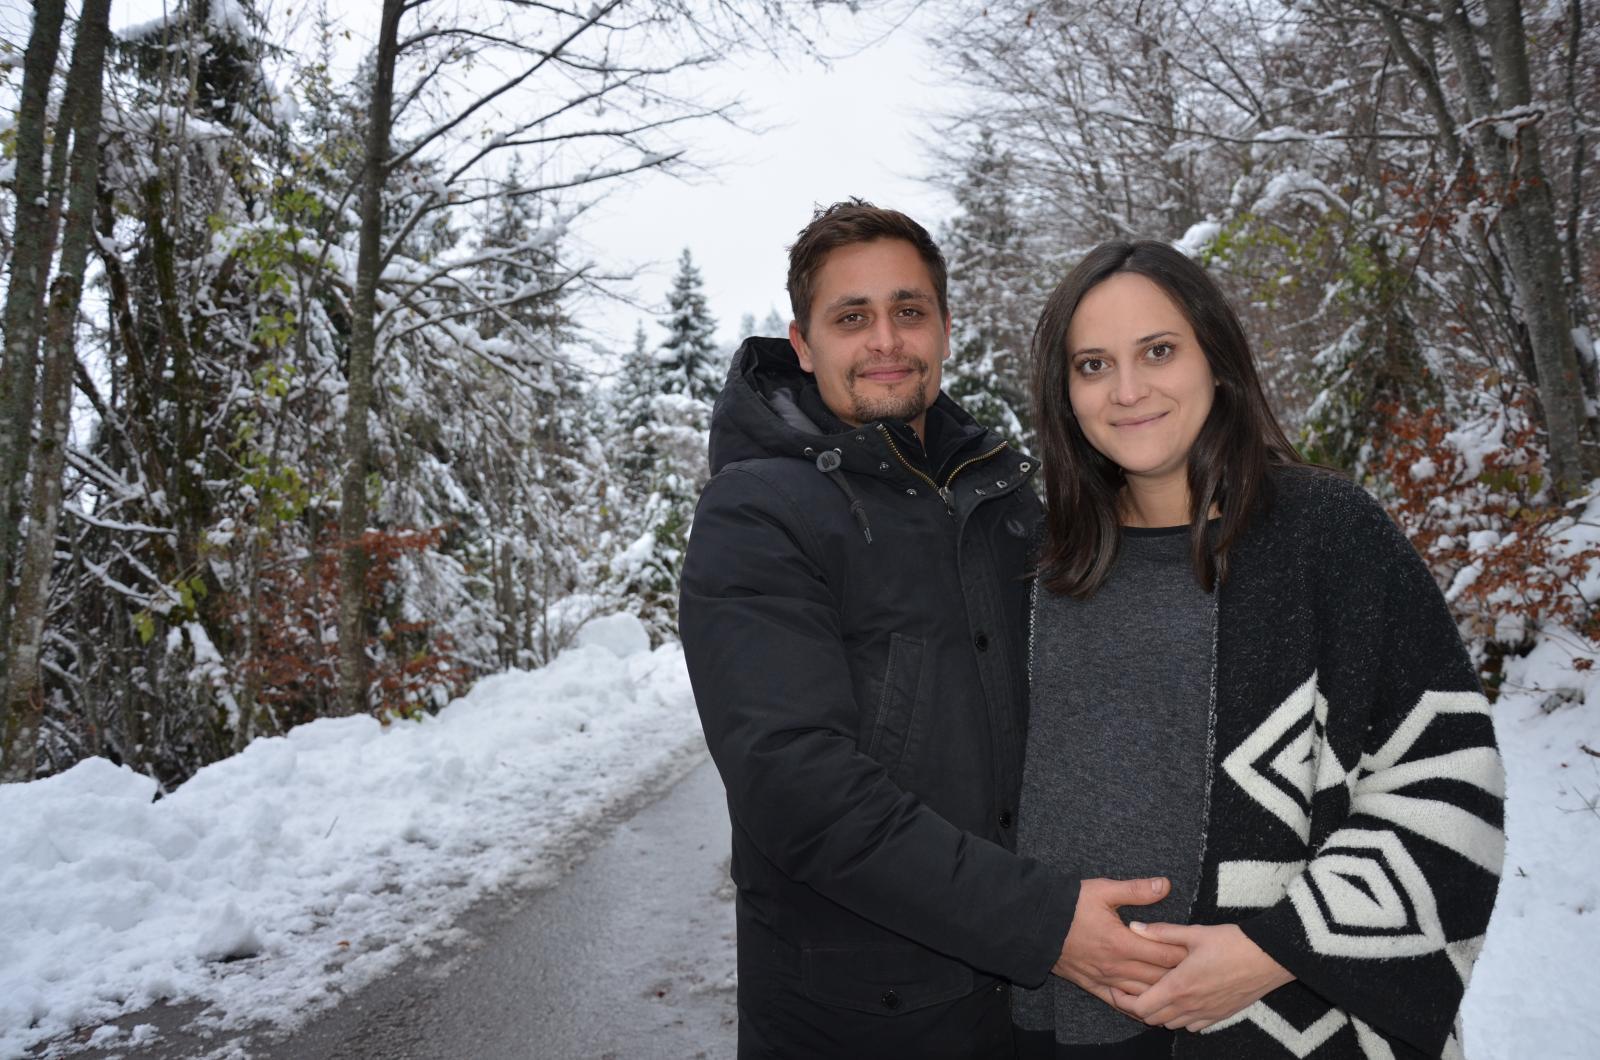 Luka i Sanja uskoro će postati roditelji i vjeruju kako će Kozji Vrh biti idealno mjesto odrastanja njihovog mališana.